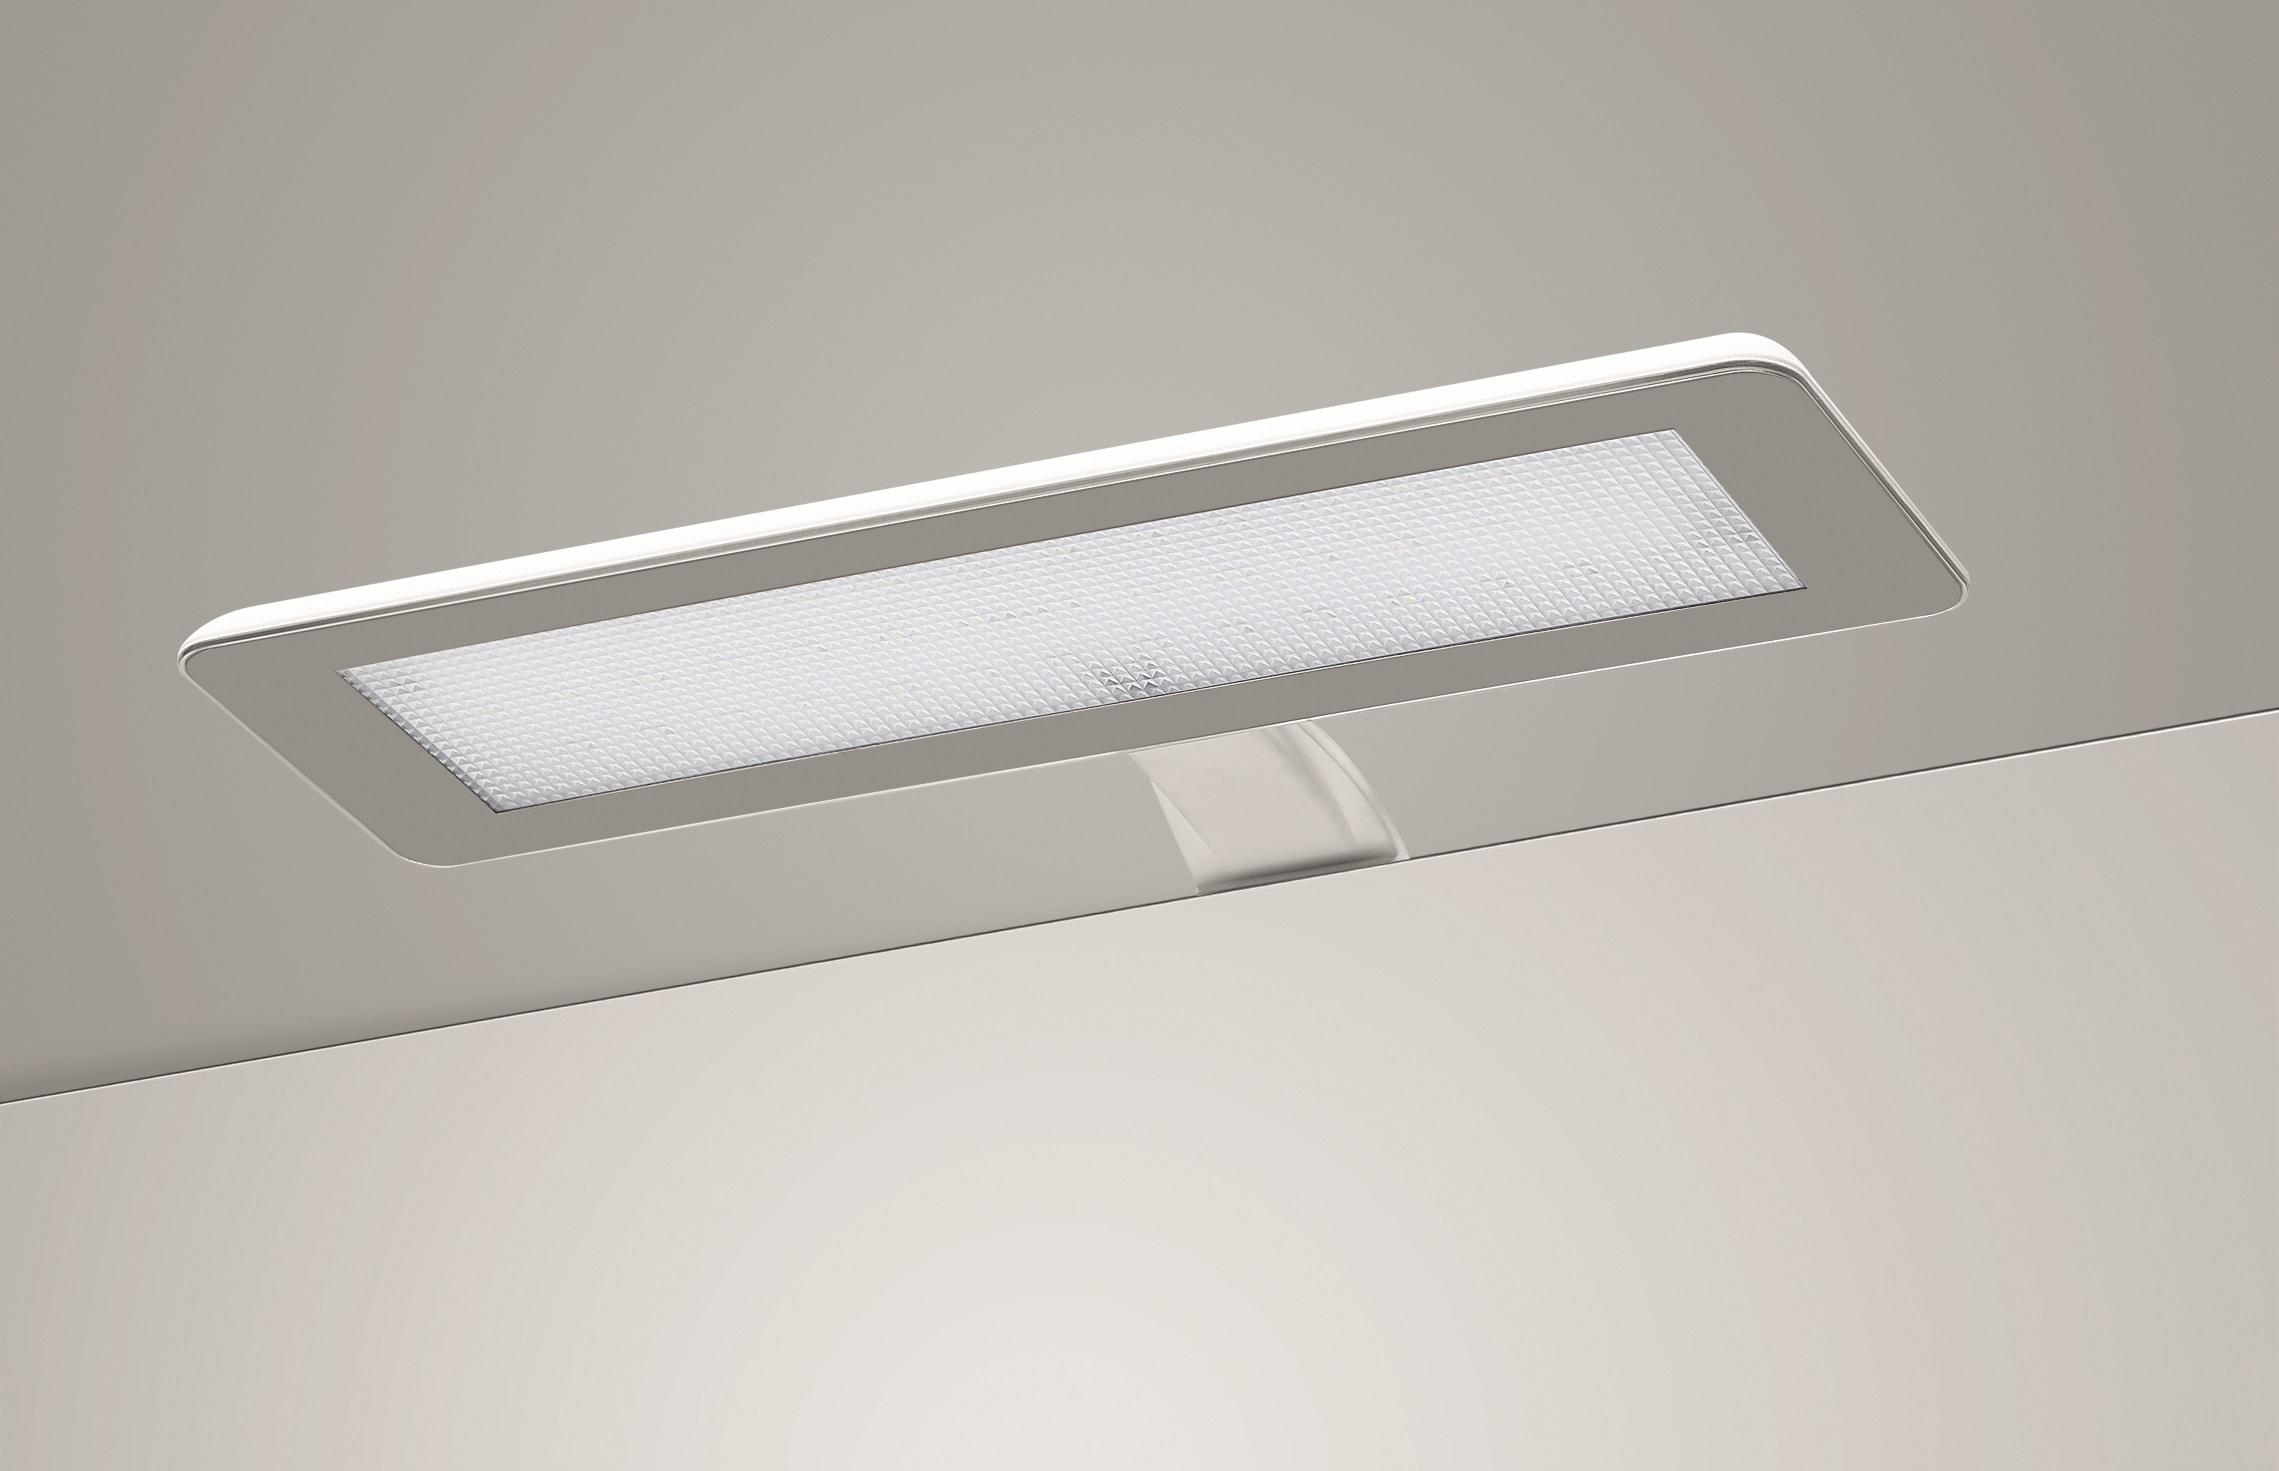 REFLEX LED 10W, REFLEX LED 10W